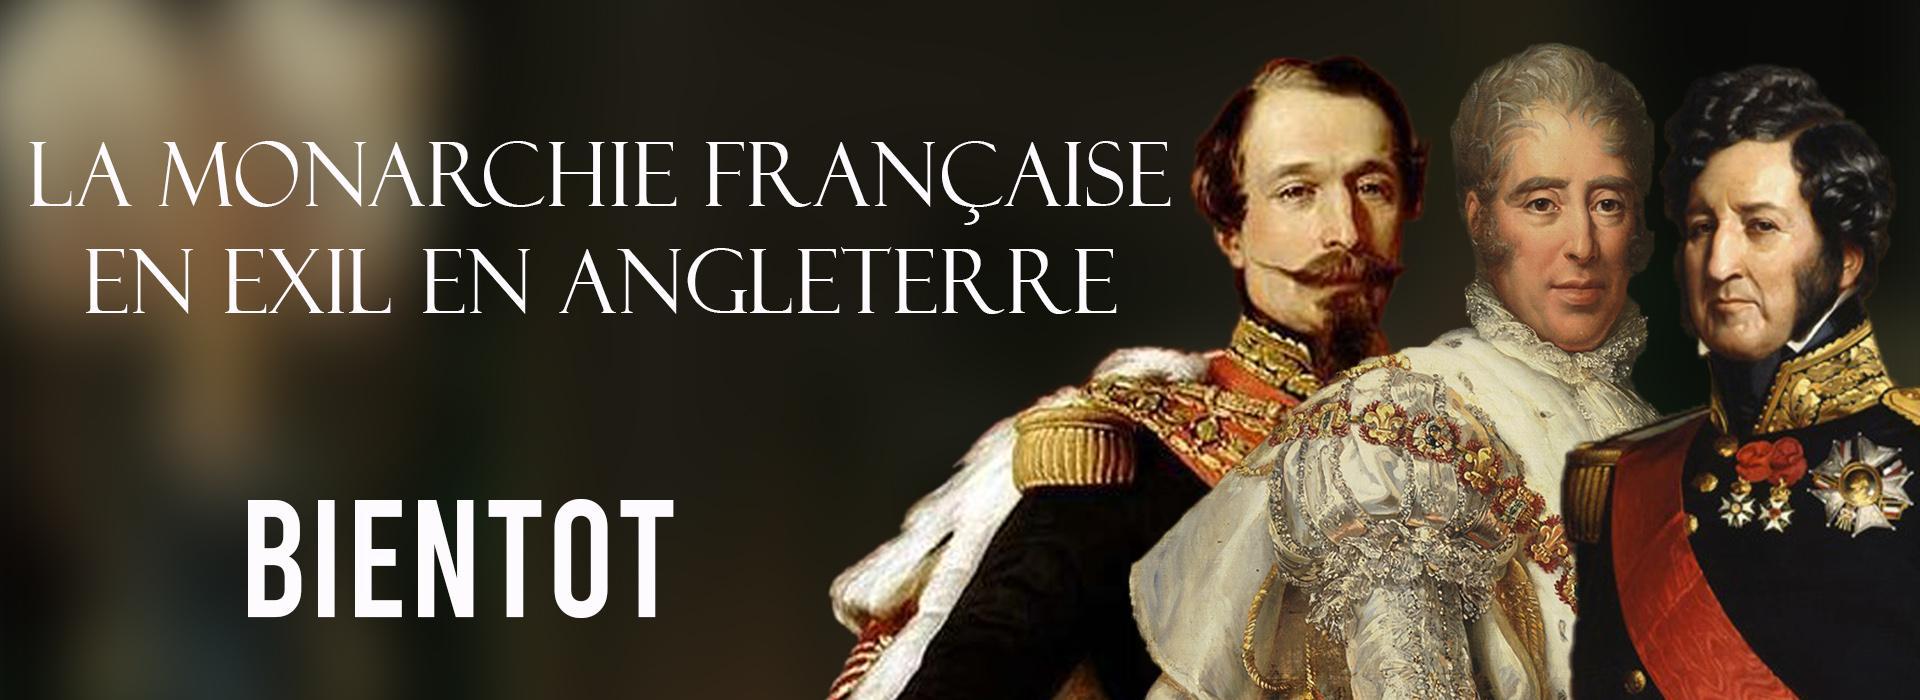 Monarchie francaise en exil en angleterre bientot